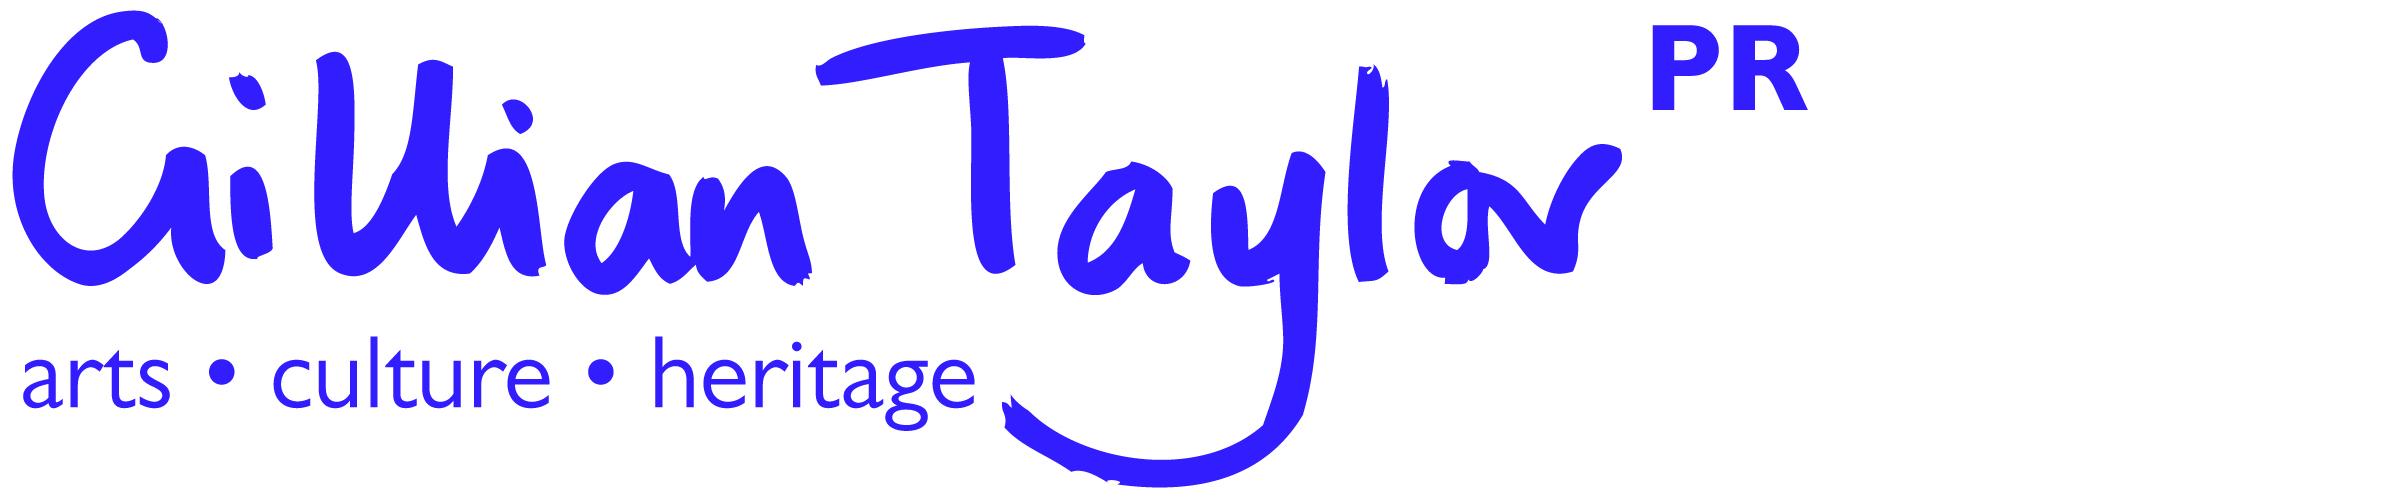 Gillian Taylor PR